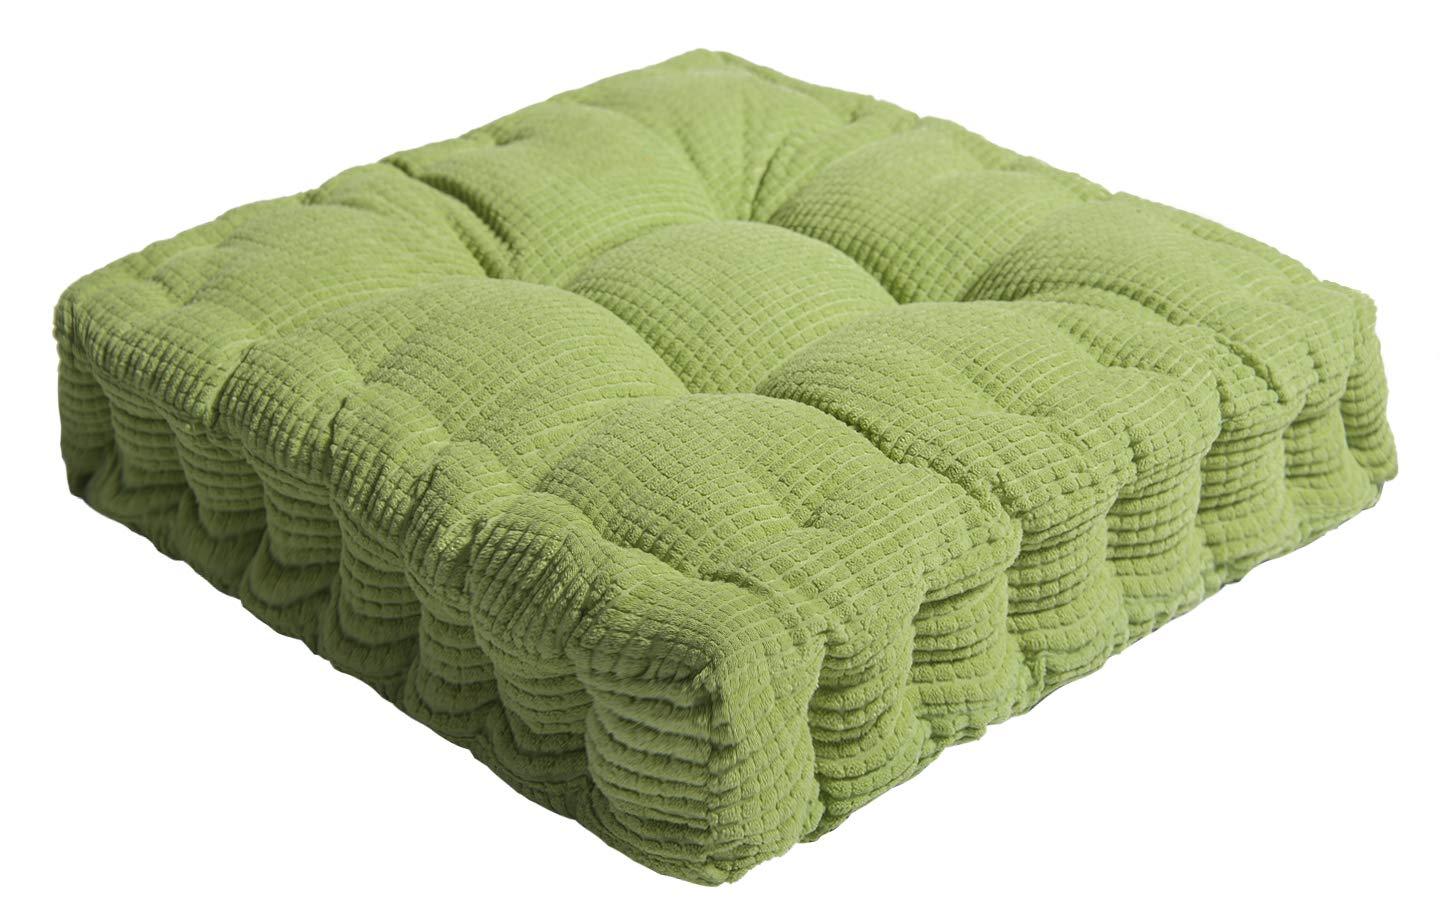 Amazon.com: ChezMax - Cojín para silla (poliéster y algodón ...